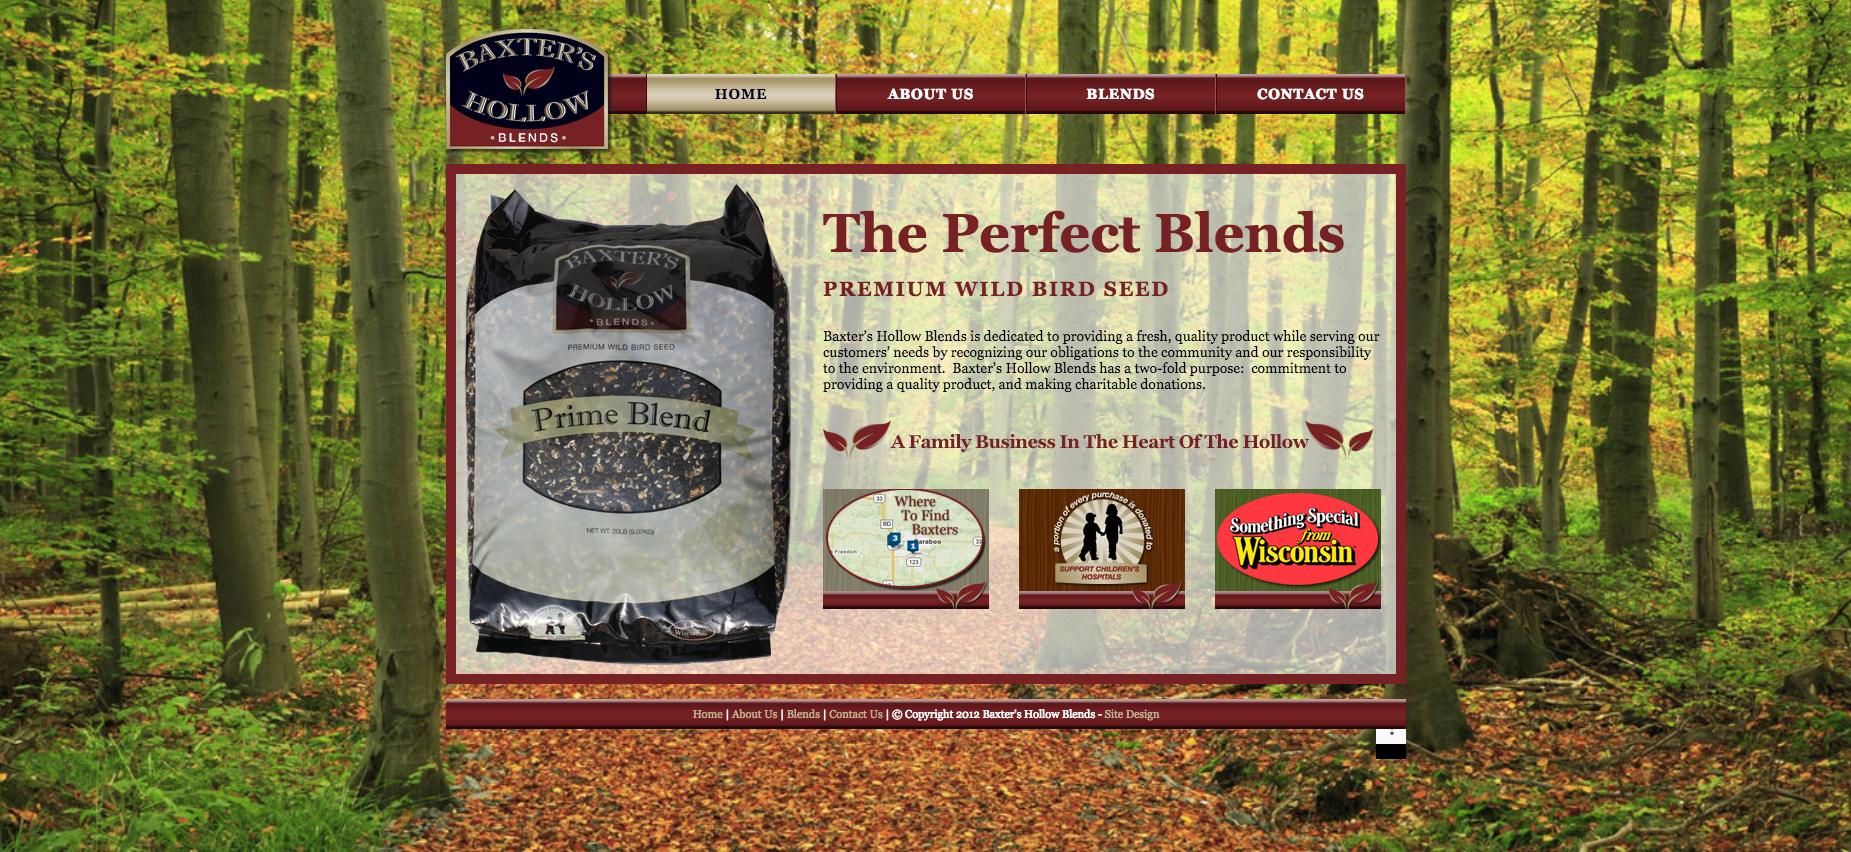 Baxter's Hollow Website Design